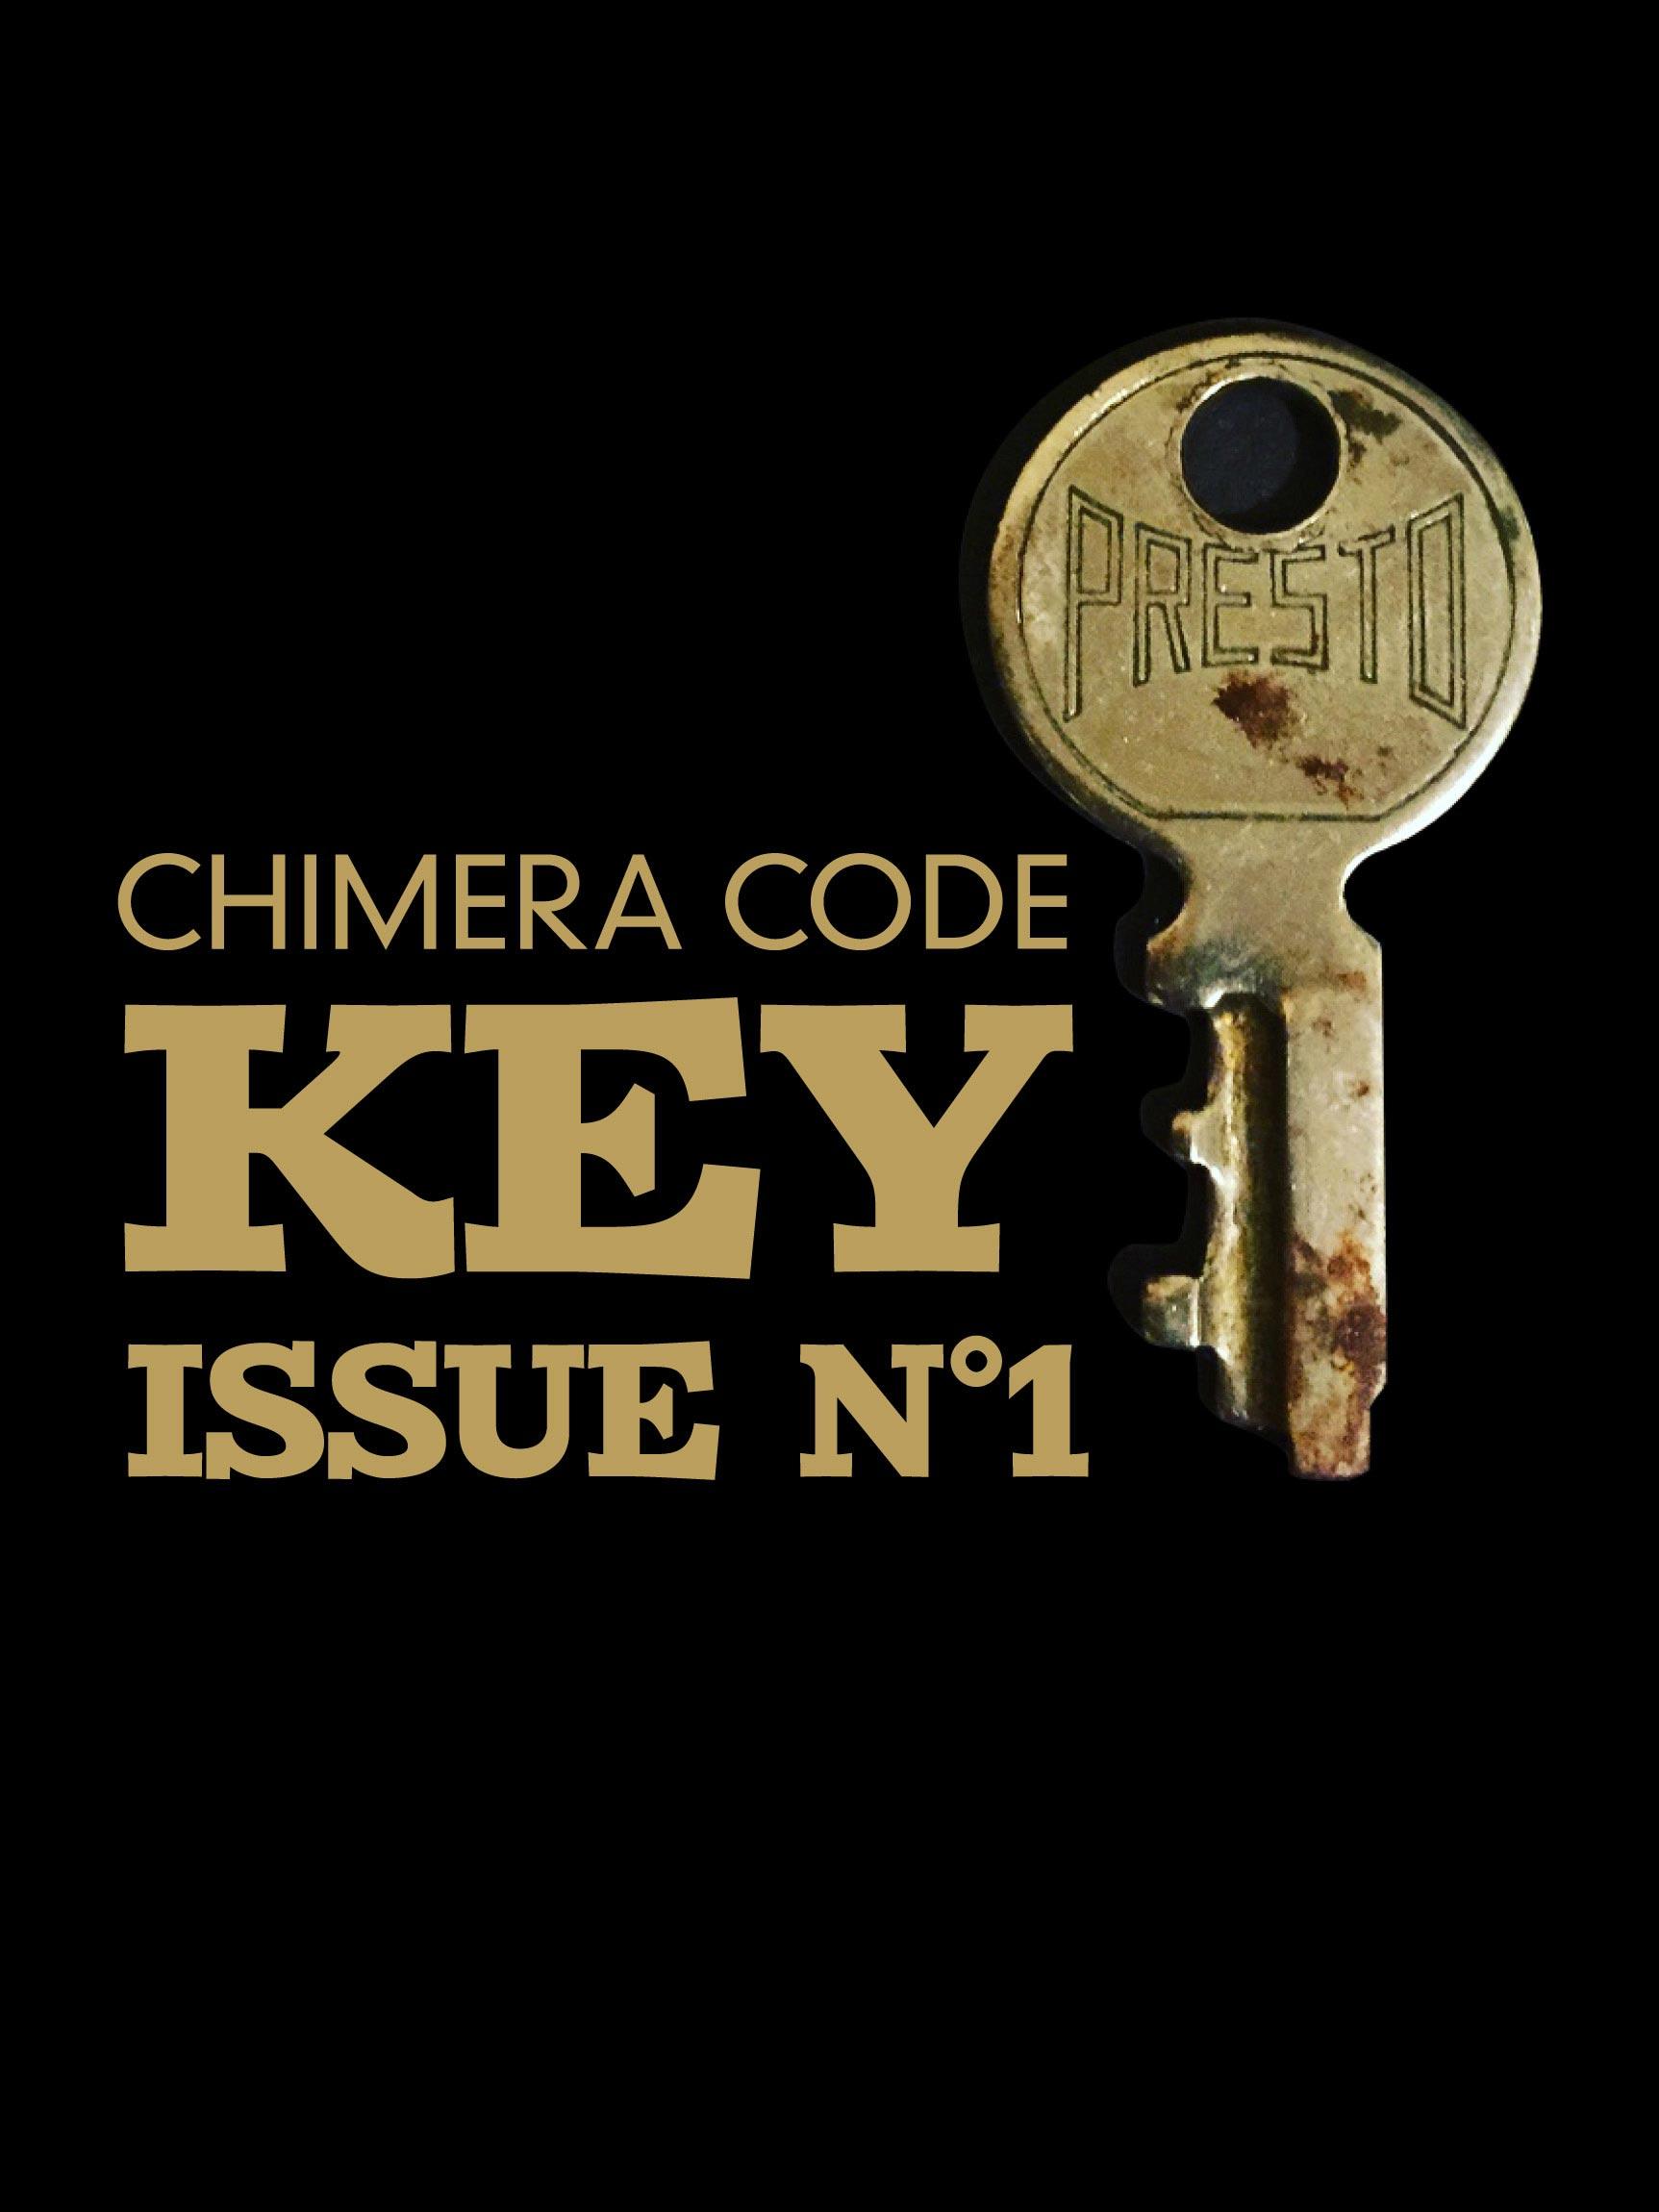 Chimera Code Key